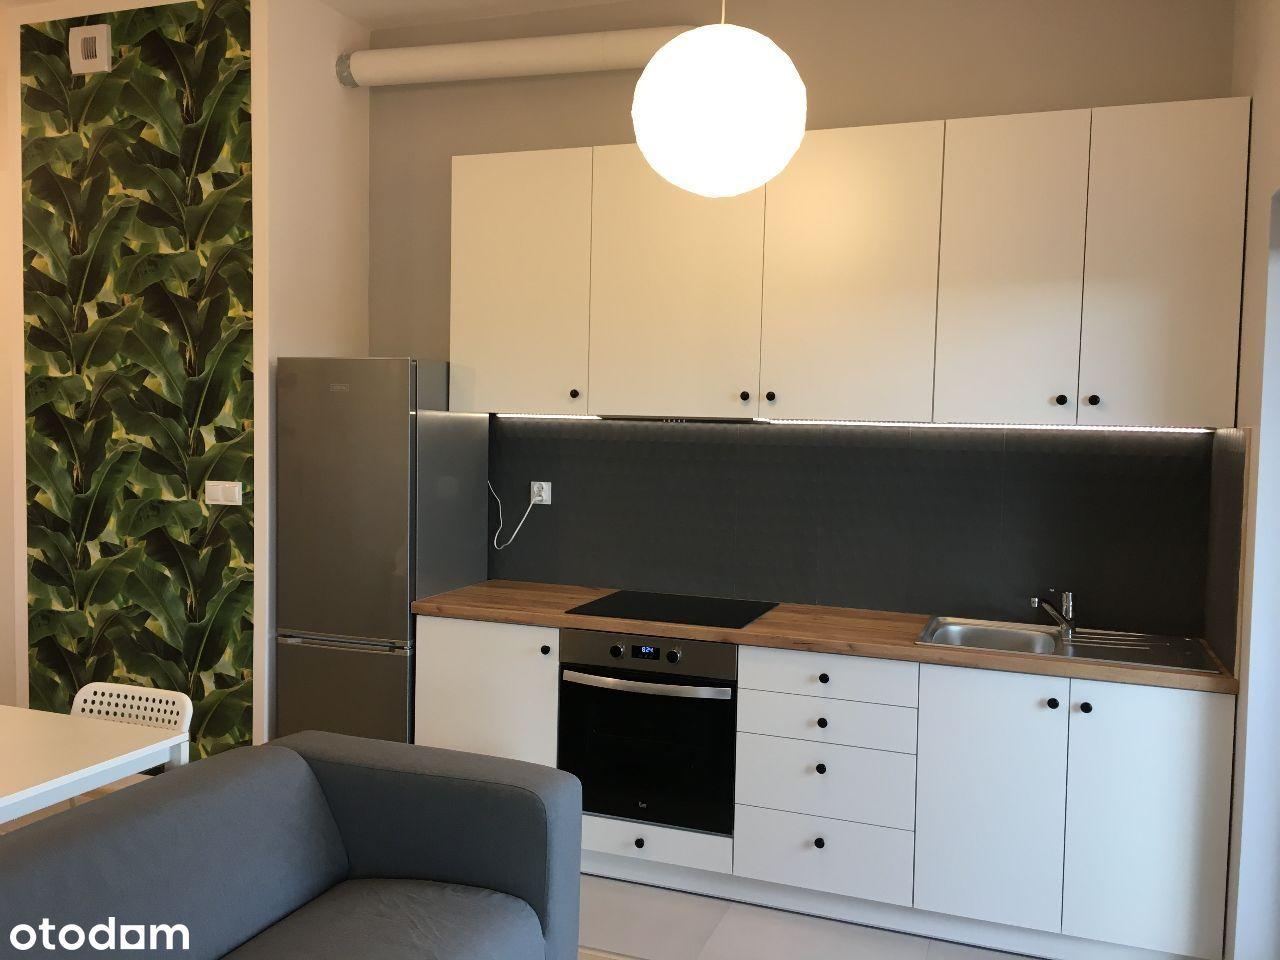 Nowe mieszkanie 32m Rzeszów, ul. Paderewskiego